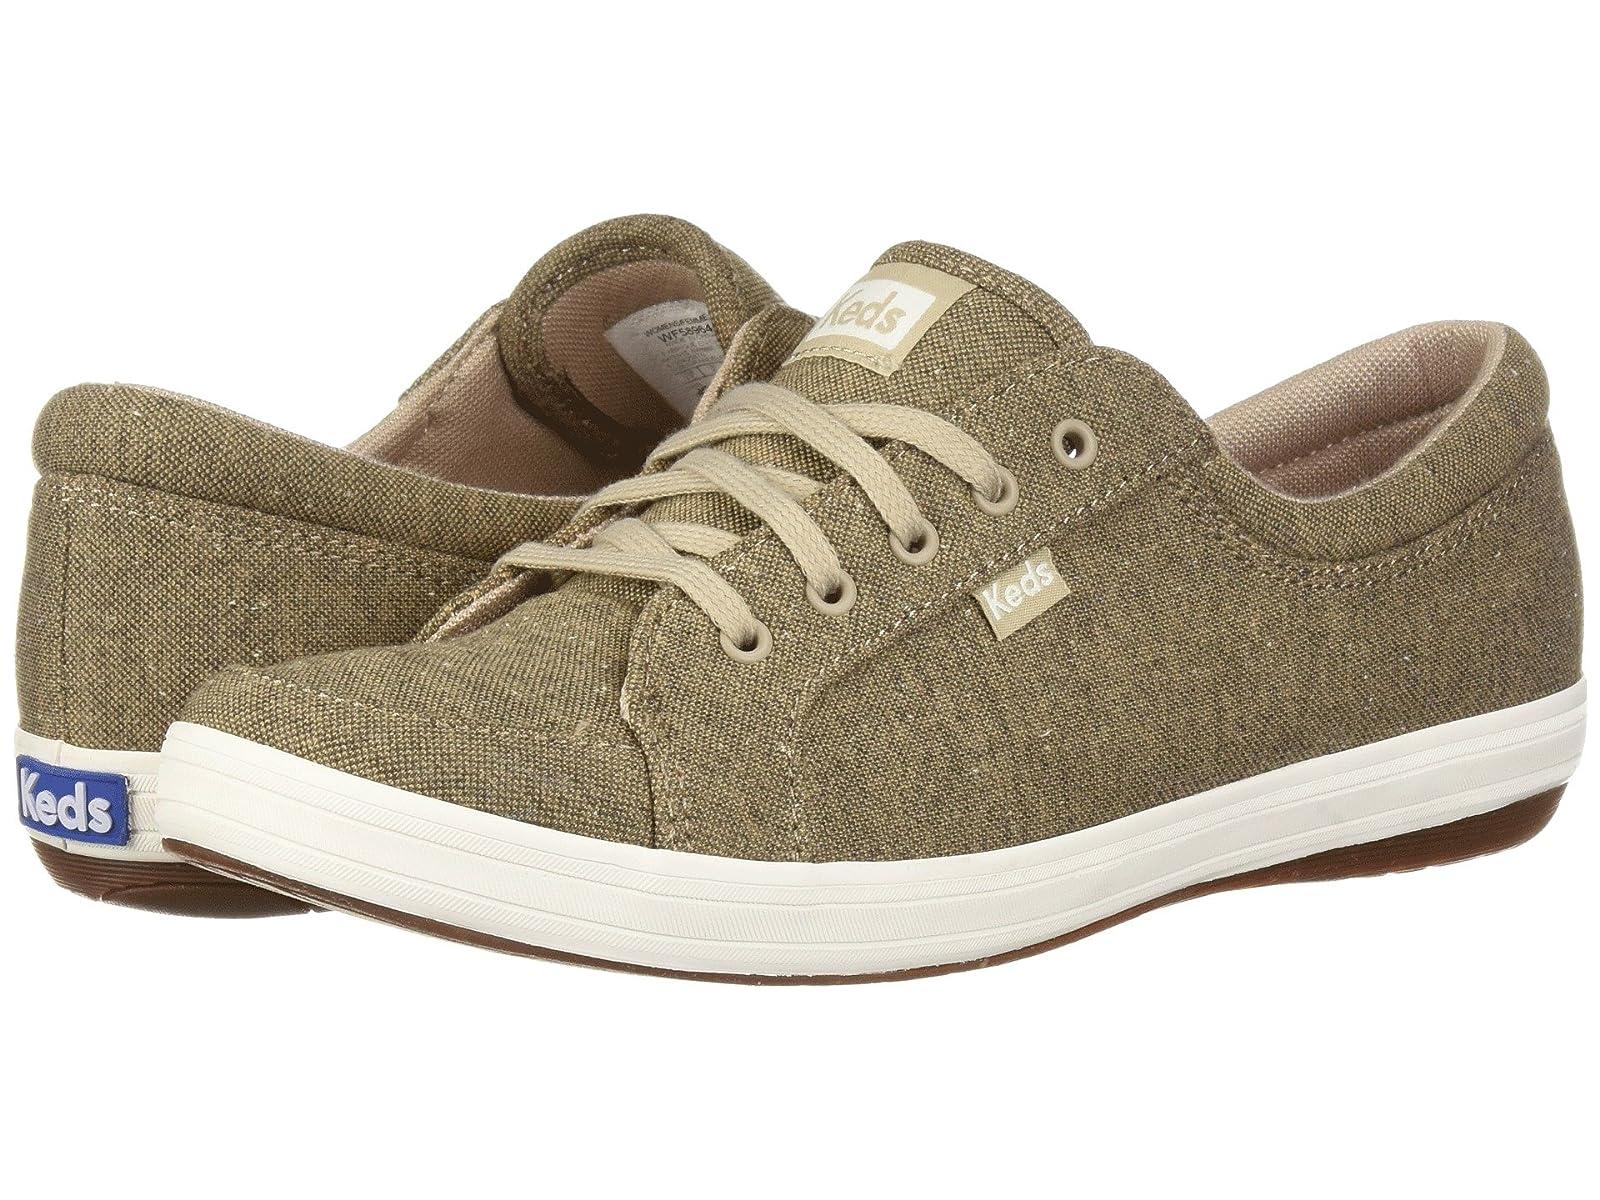 Keds Vollie II Speckled KnitAtmospheric grades have affordable shoes